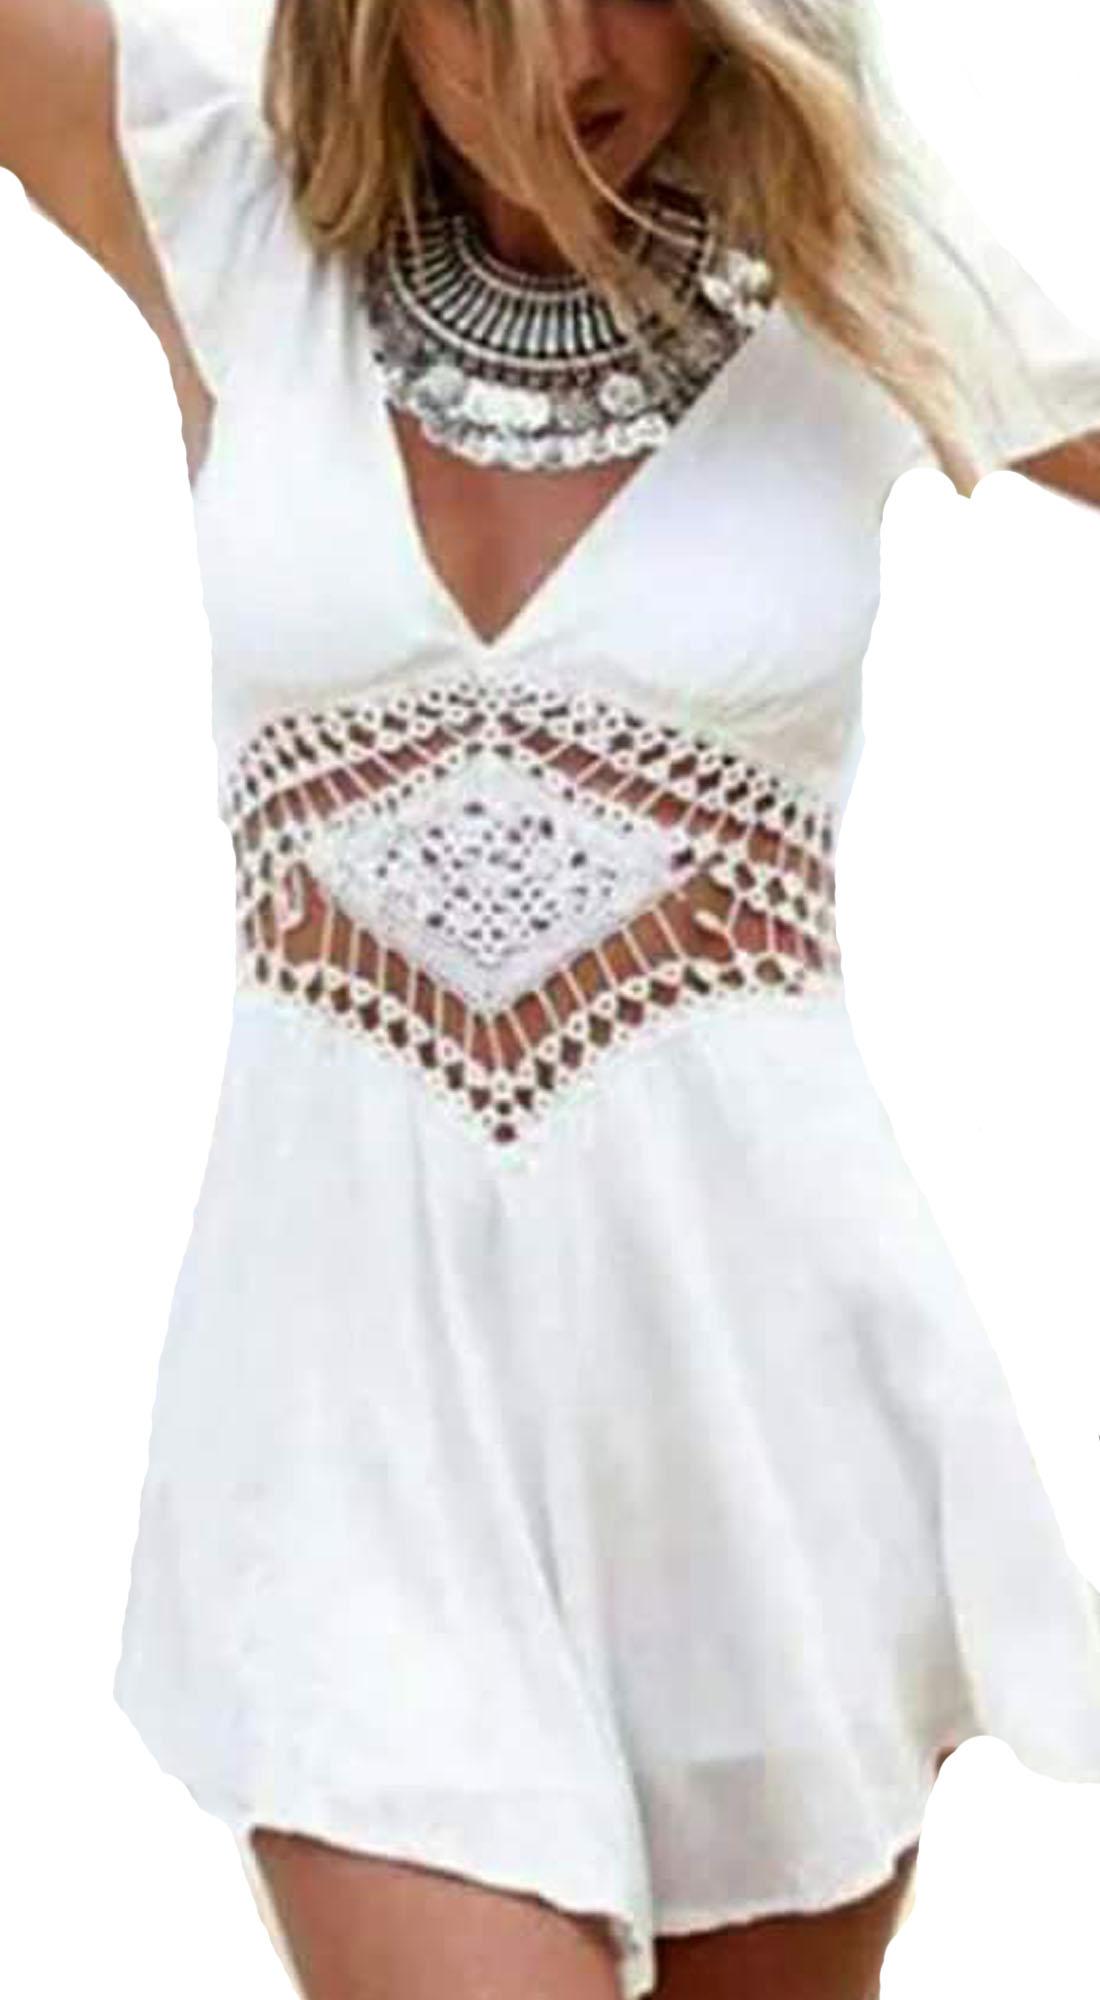 Γυναικείο girly chic Ethnic playsuit με Κοντό Μανίκι - OEM - SP17SOF-239032 ενδύματα ολόσωμες φόρμες